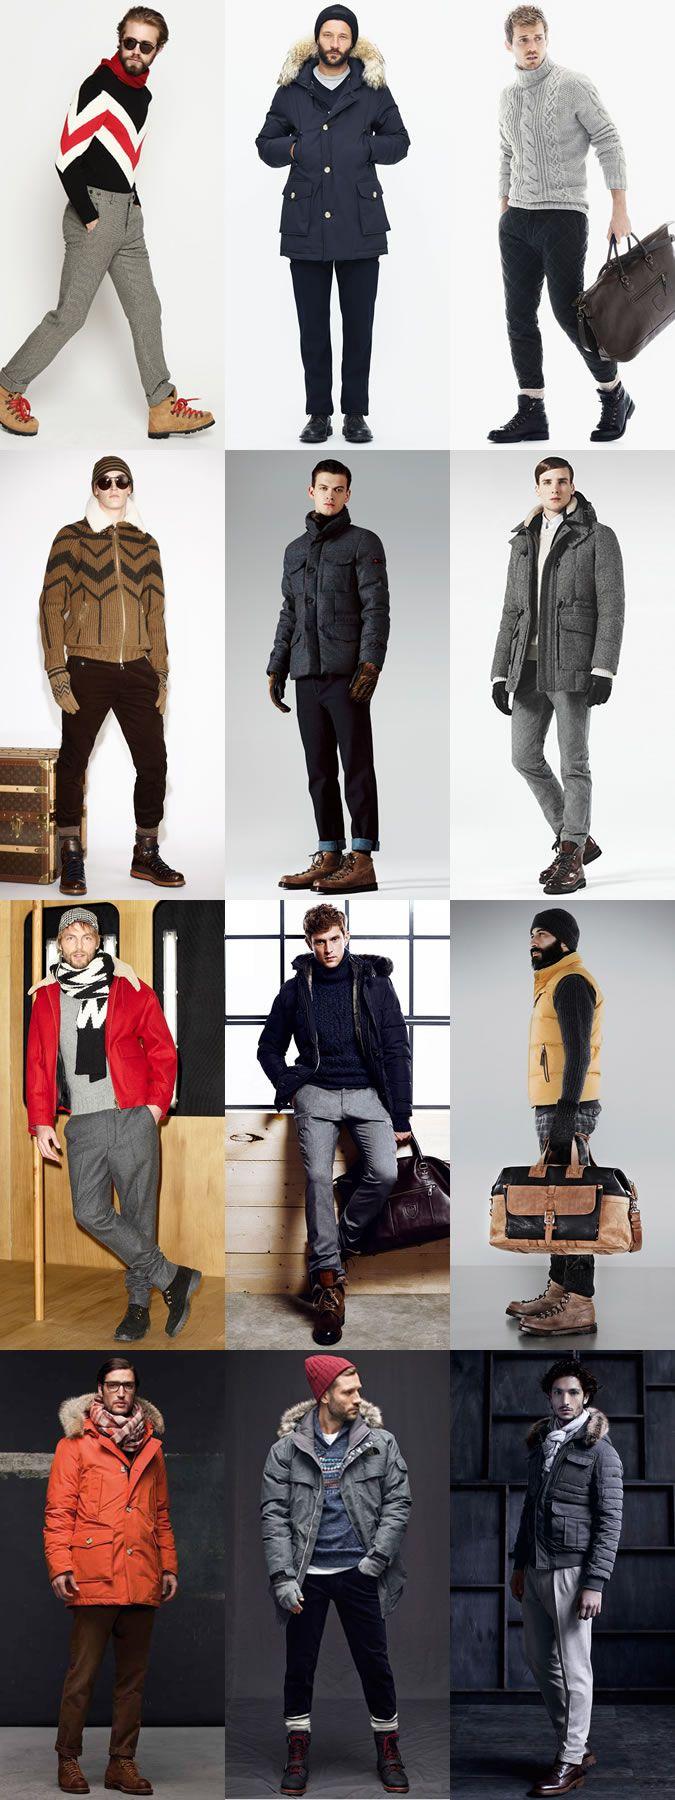 Men's Easter Break Style Guide: Snow & Ski Lookbook Inspiration